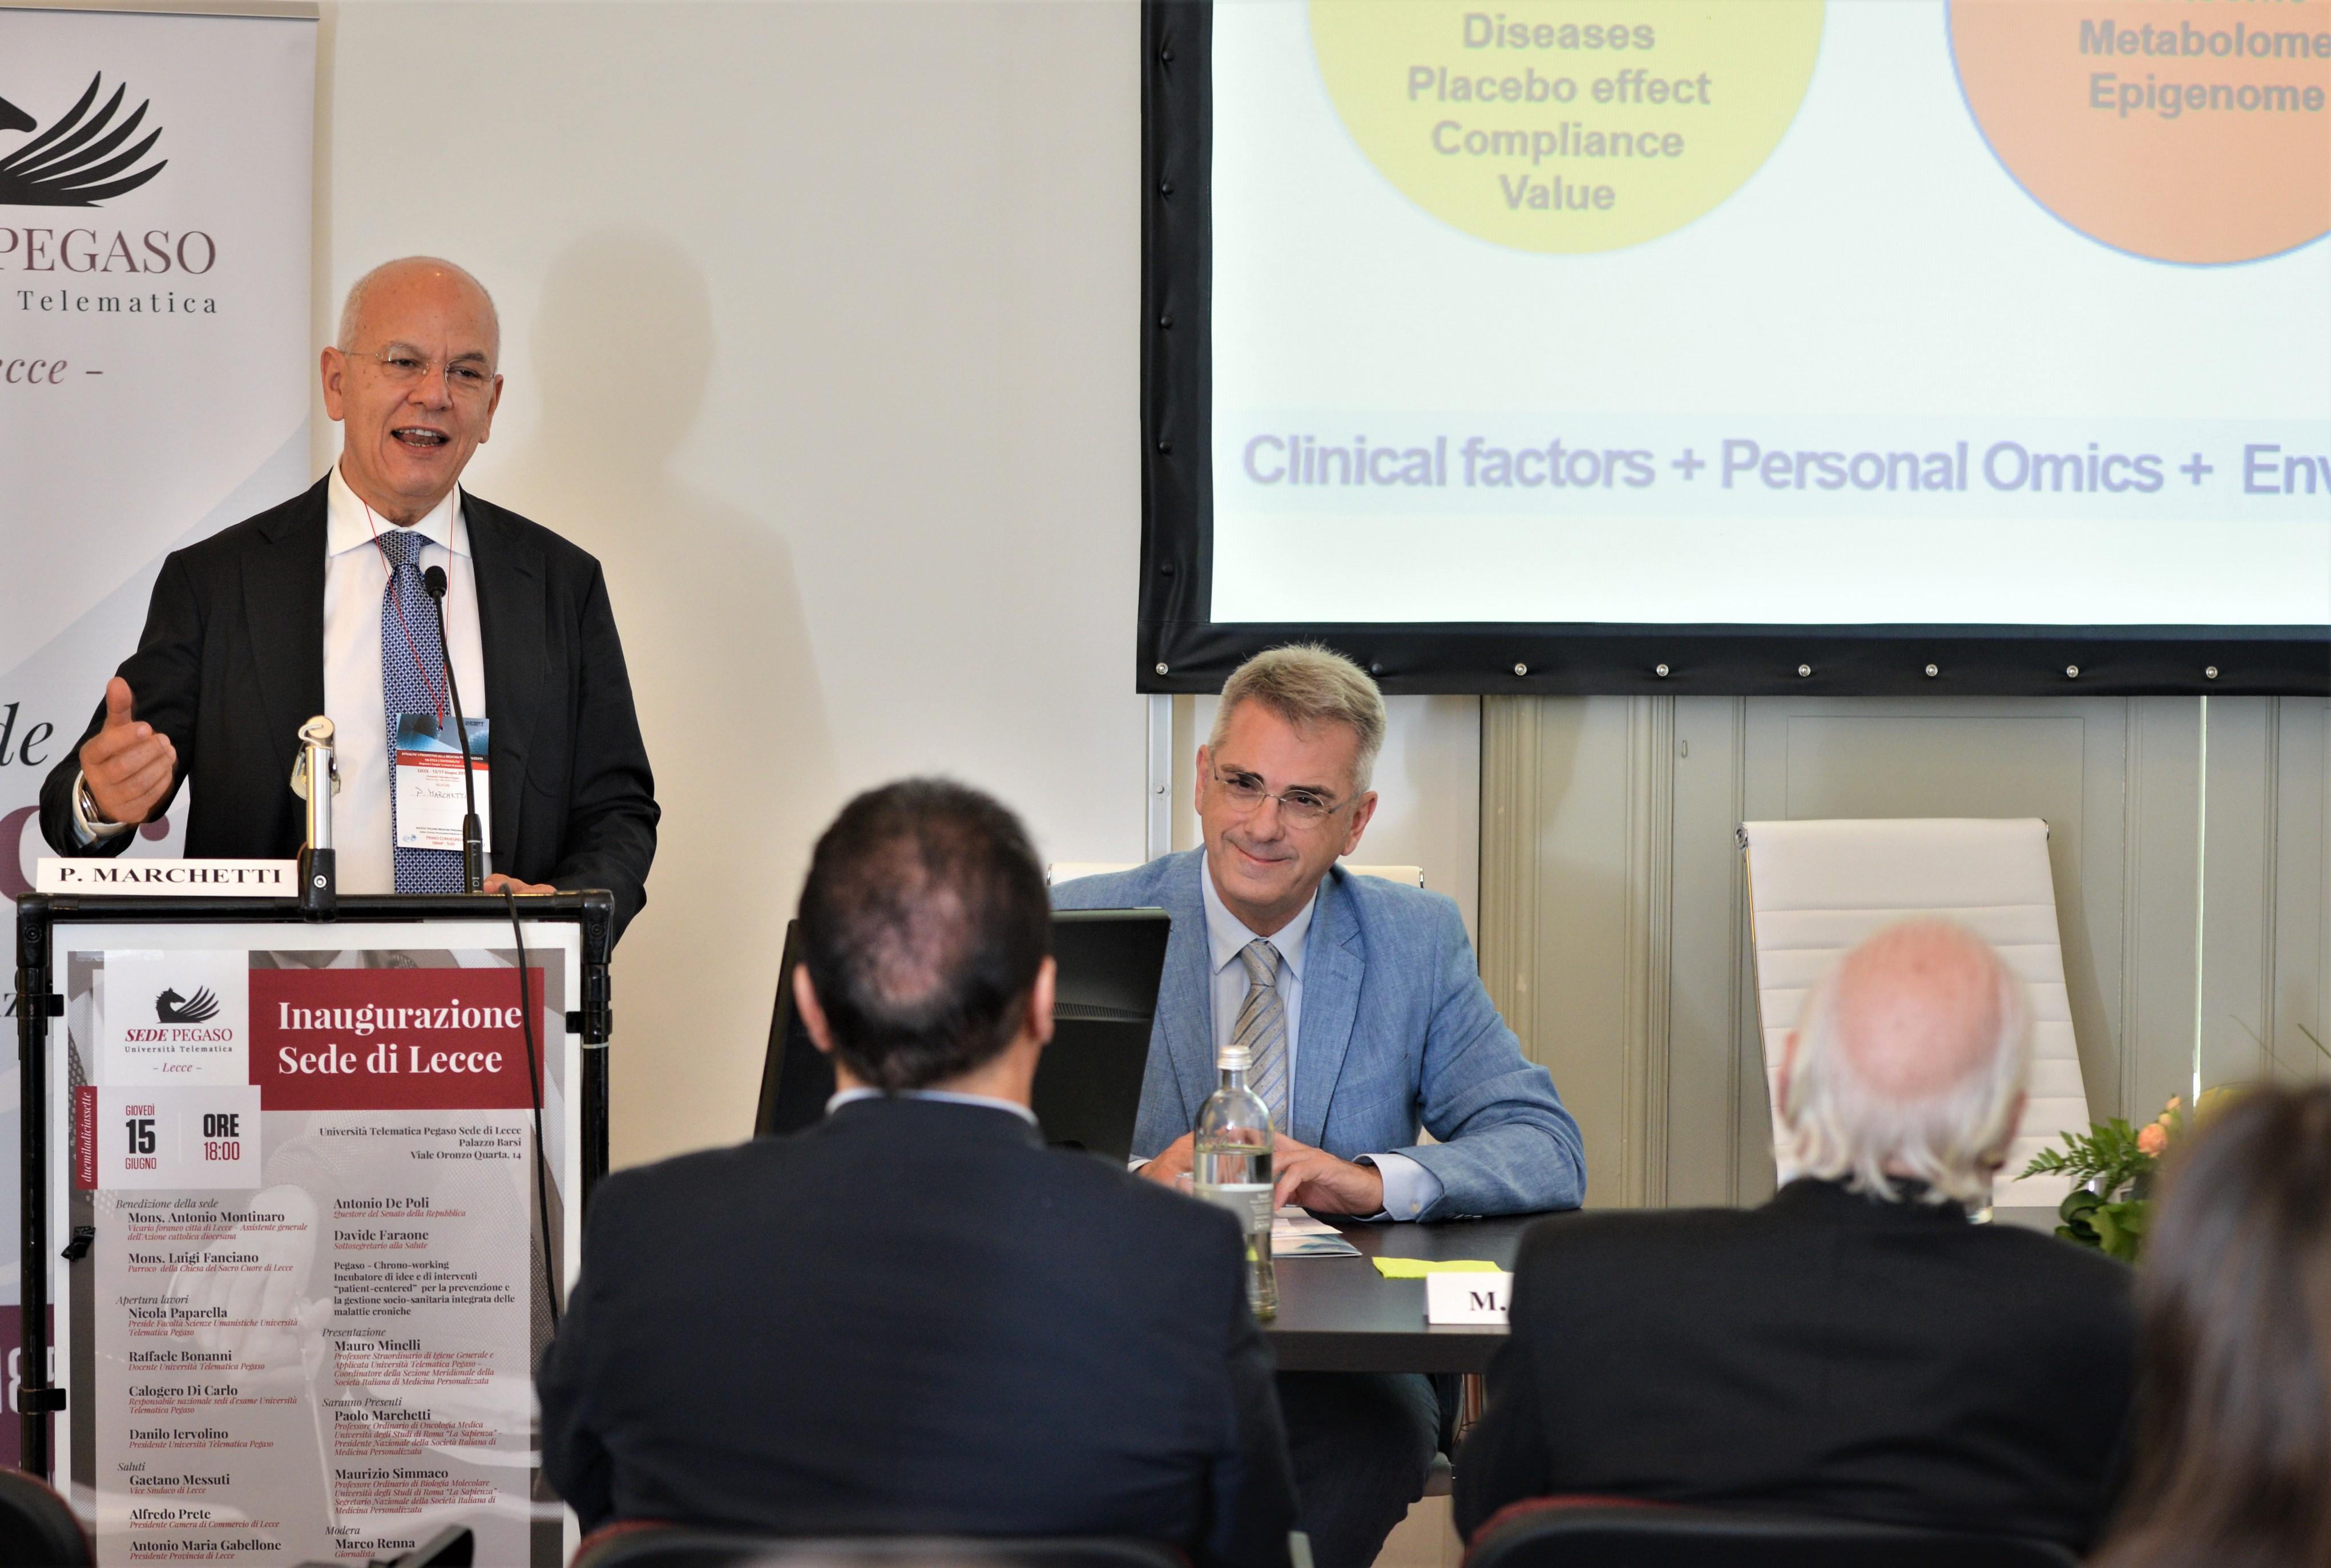 Prof. Maolo Marchetti - Professore Ordinario di Oncologia Medica - Sapienza Università di Roma. Presidente SIMeP